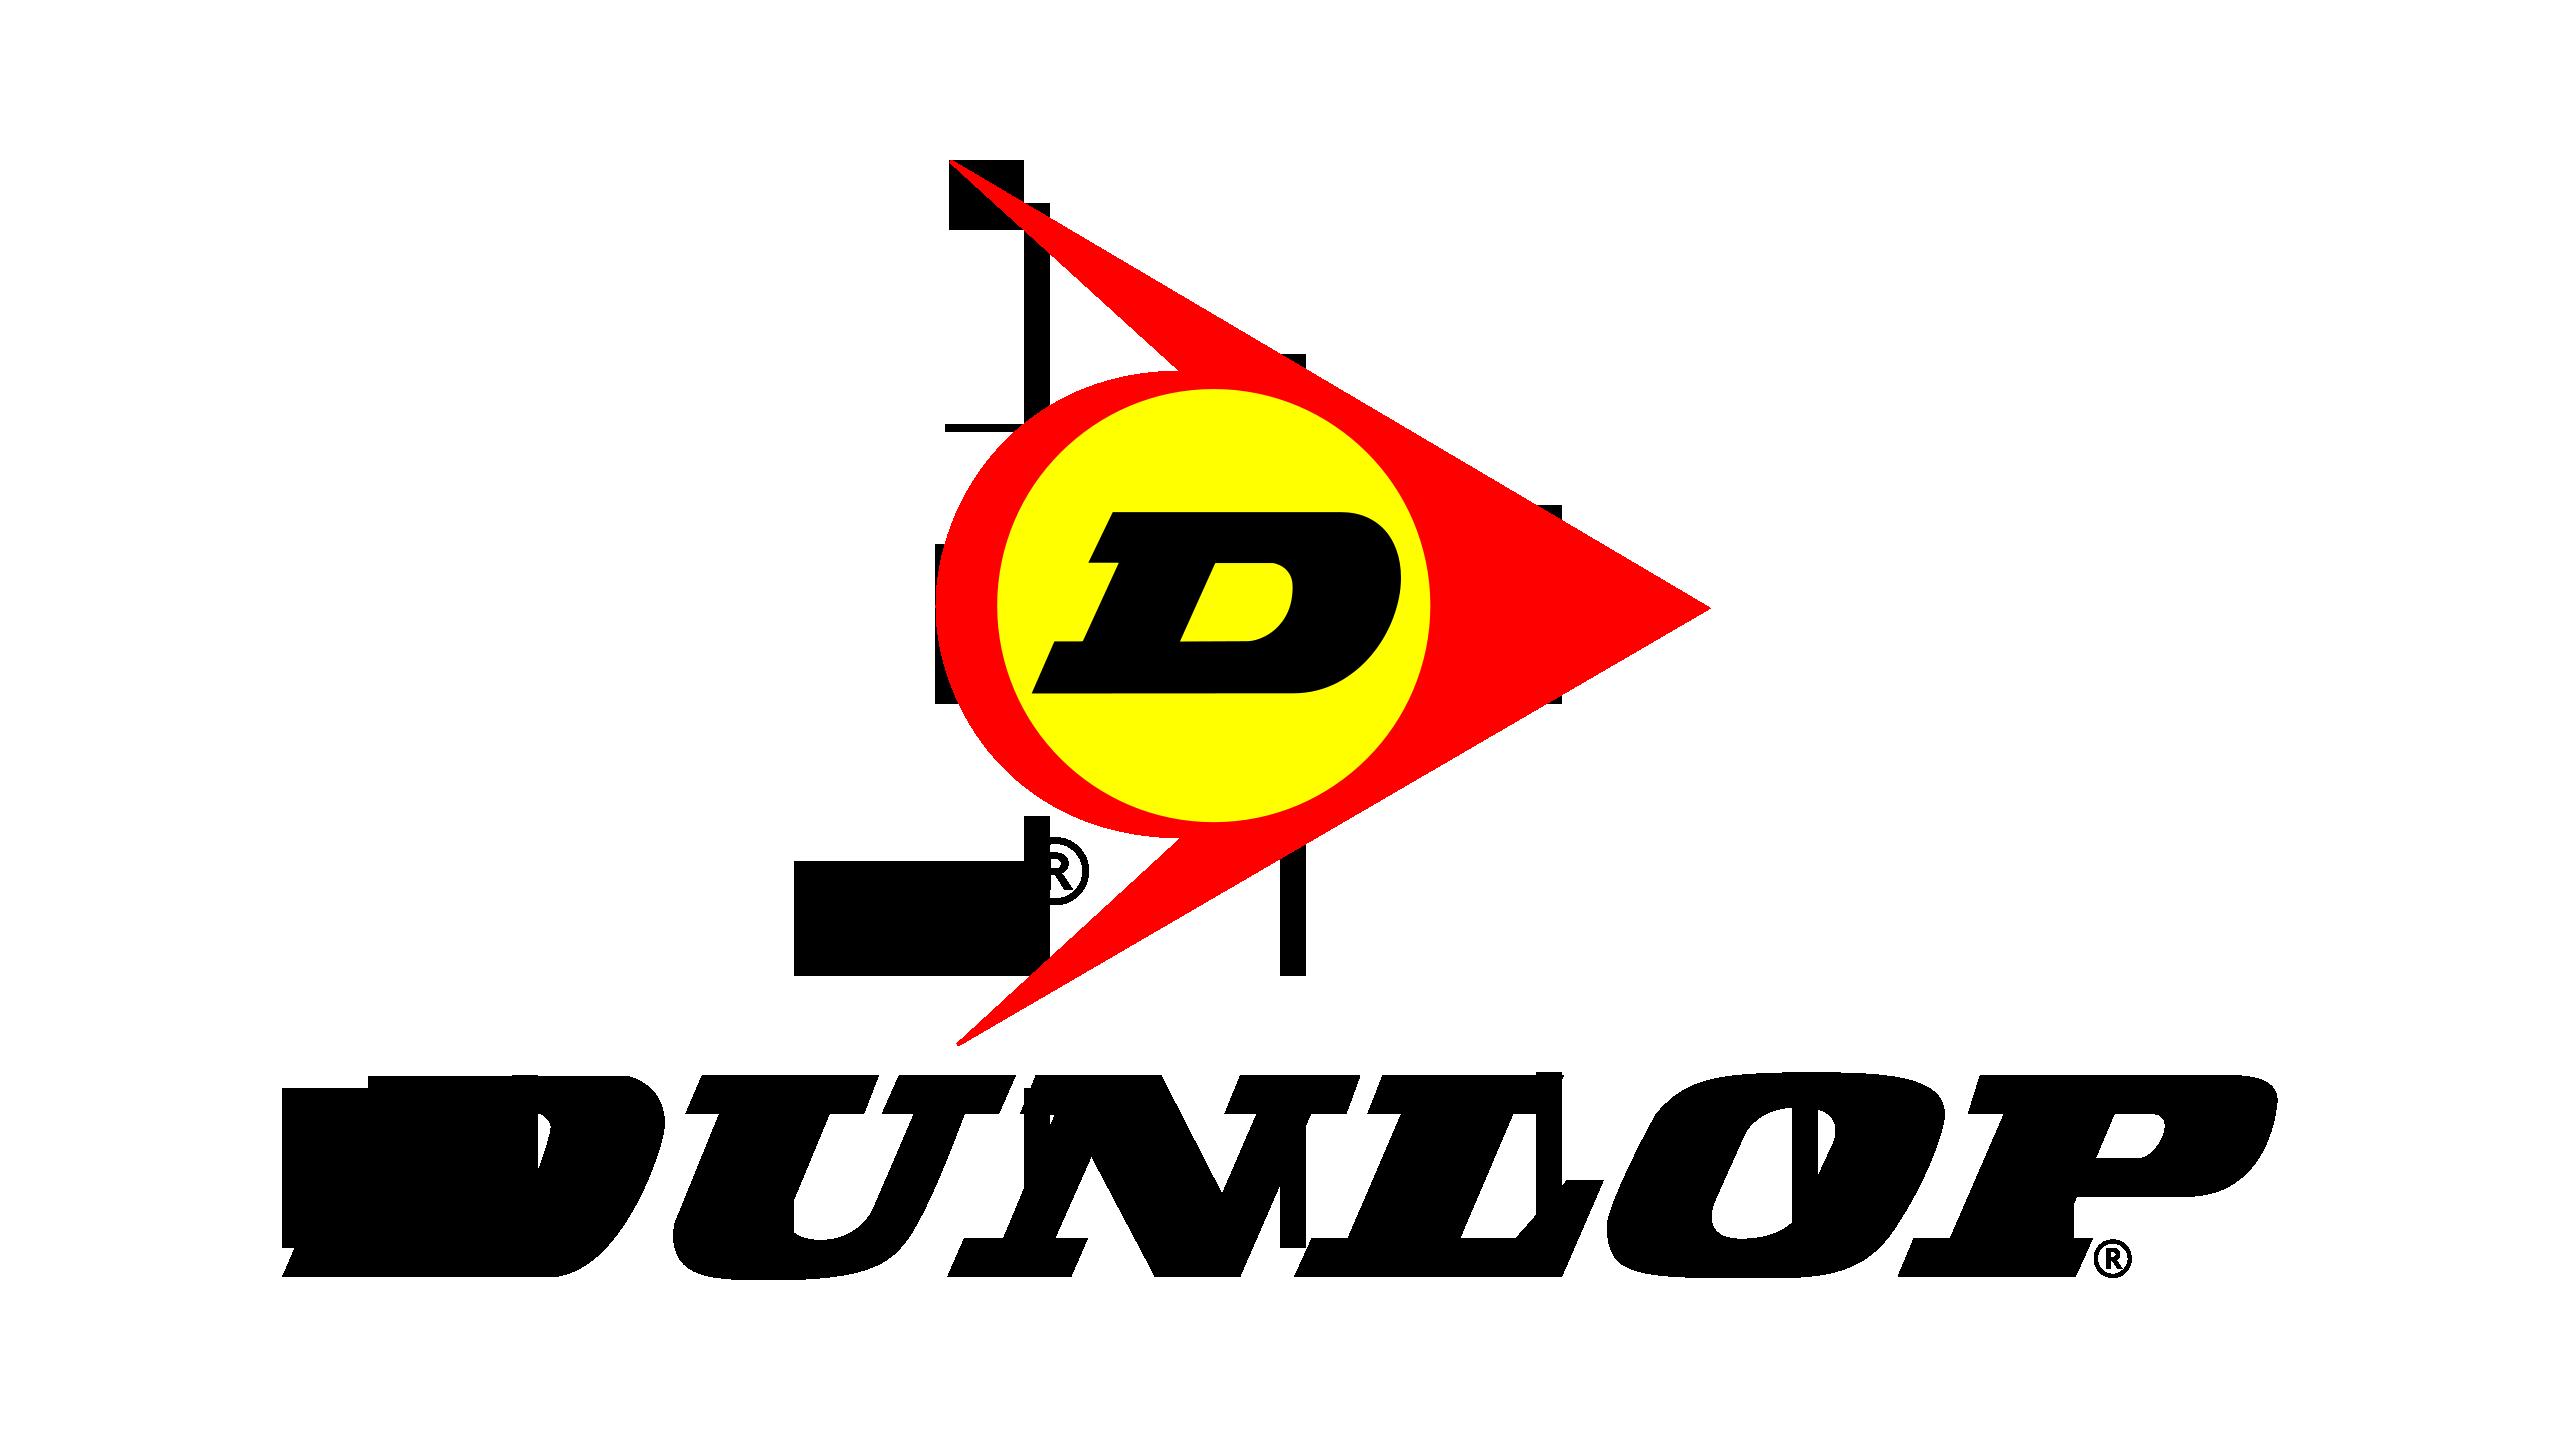 Dunlop Logo Hd Png Information Carlogos Org